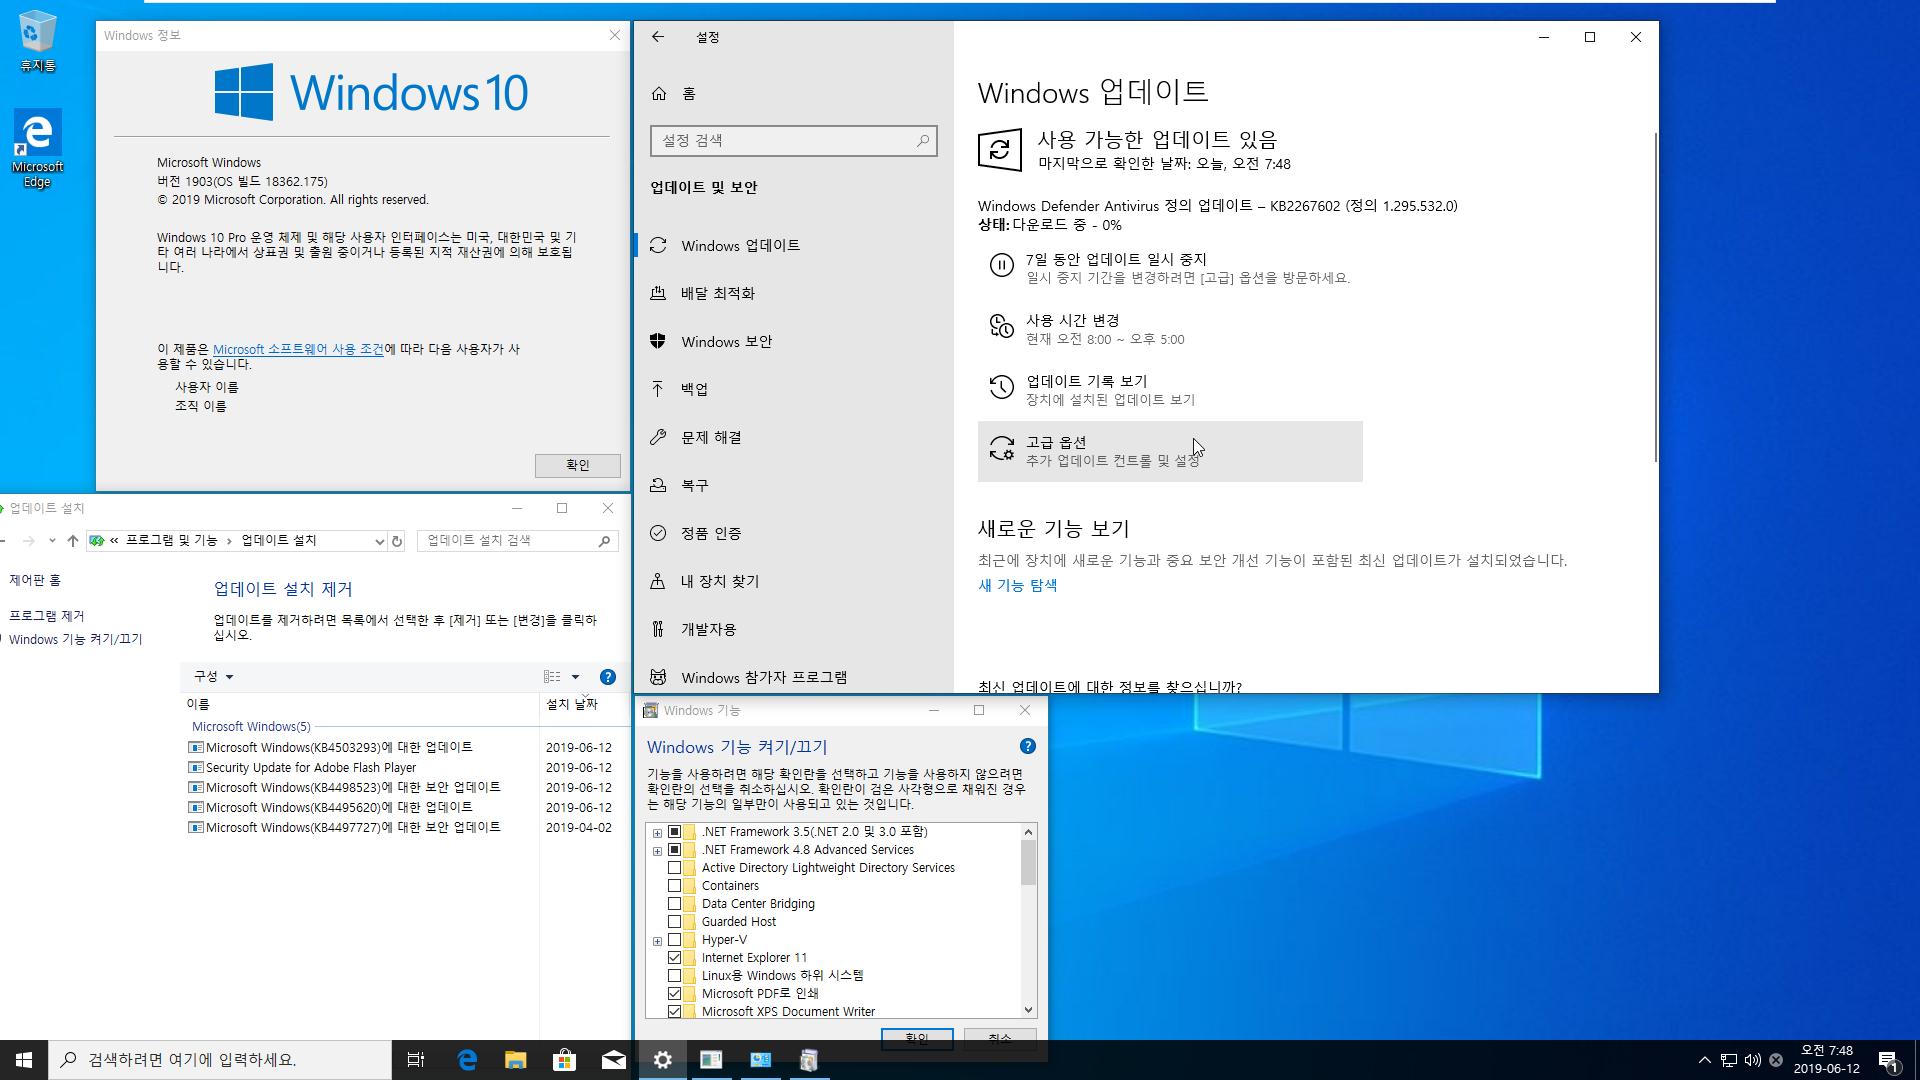 2019년 6월 12일 정기 업데이트 나왔네요 - Windows 10 버전 1903 누적 업데이트 KB4503293 (OS 빌드 18362.175) [2019-06-11 일자] 통합중 입니다 2019-06-12_074848.png